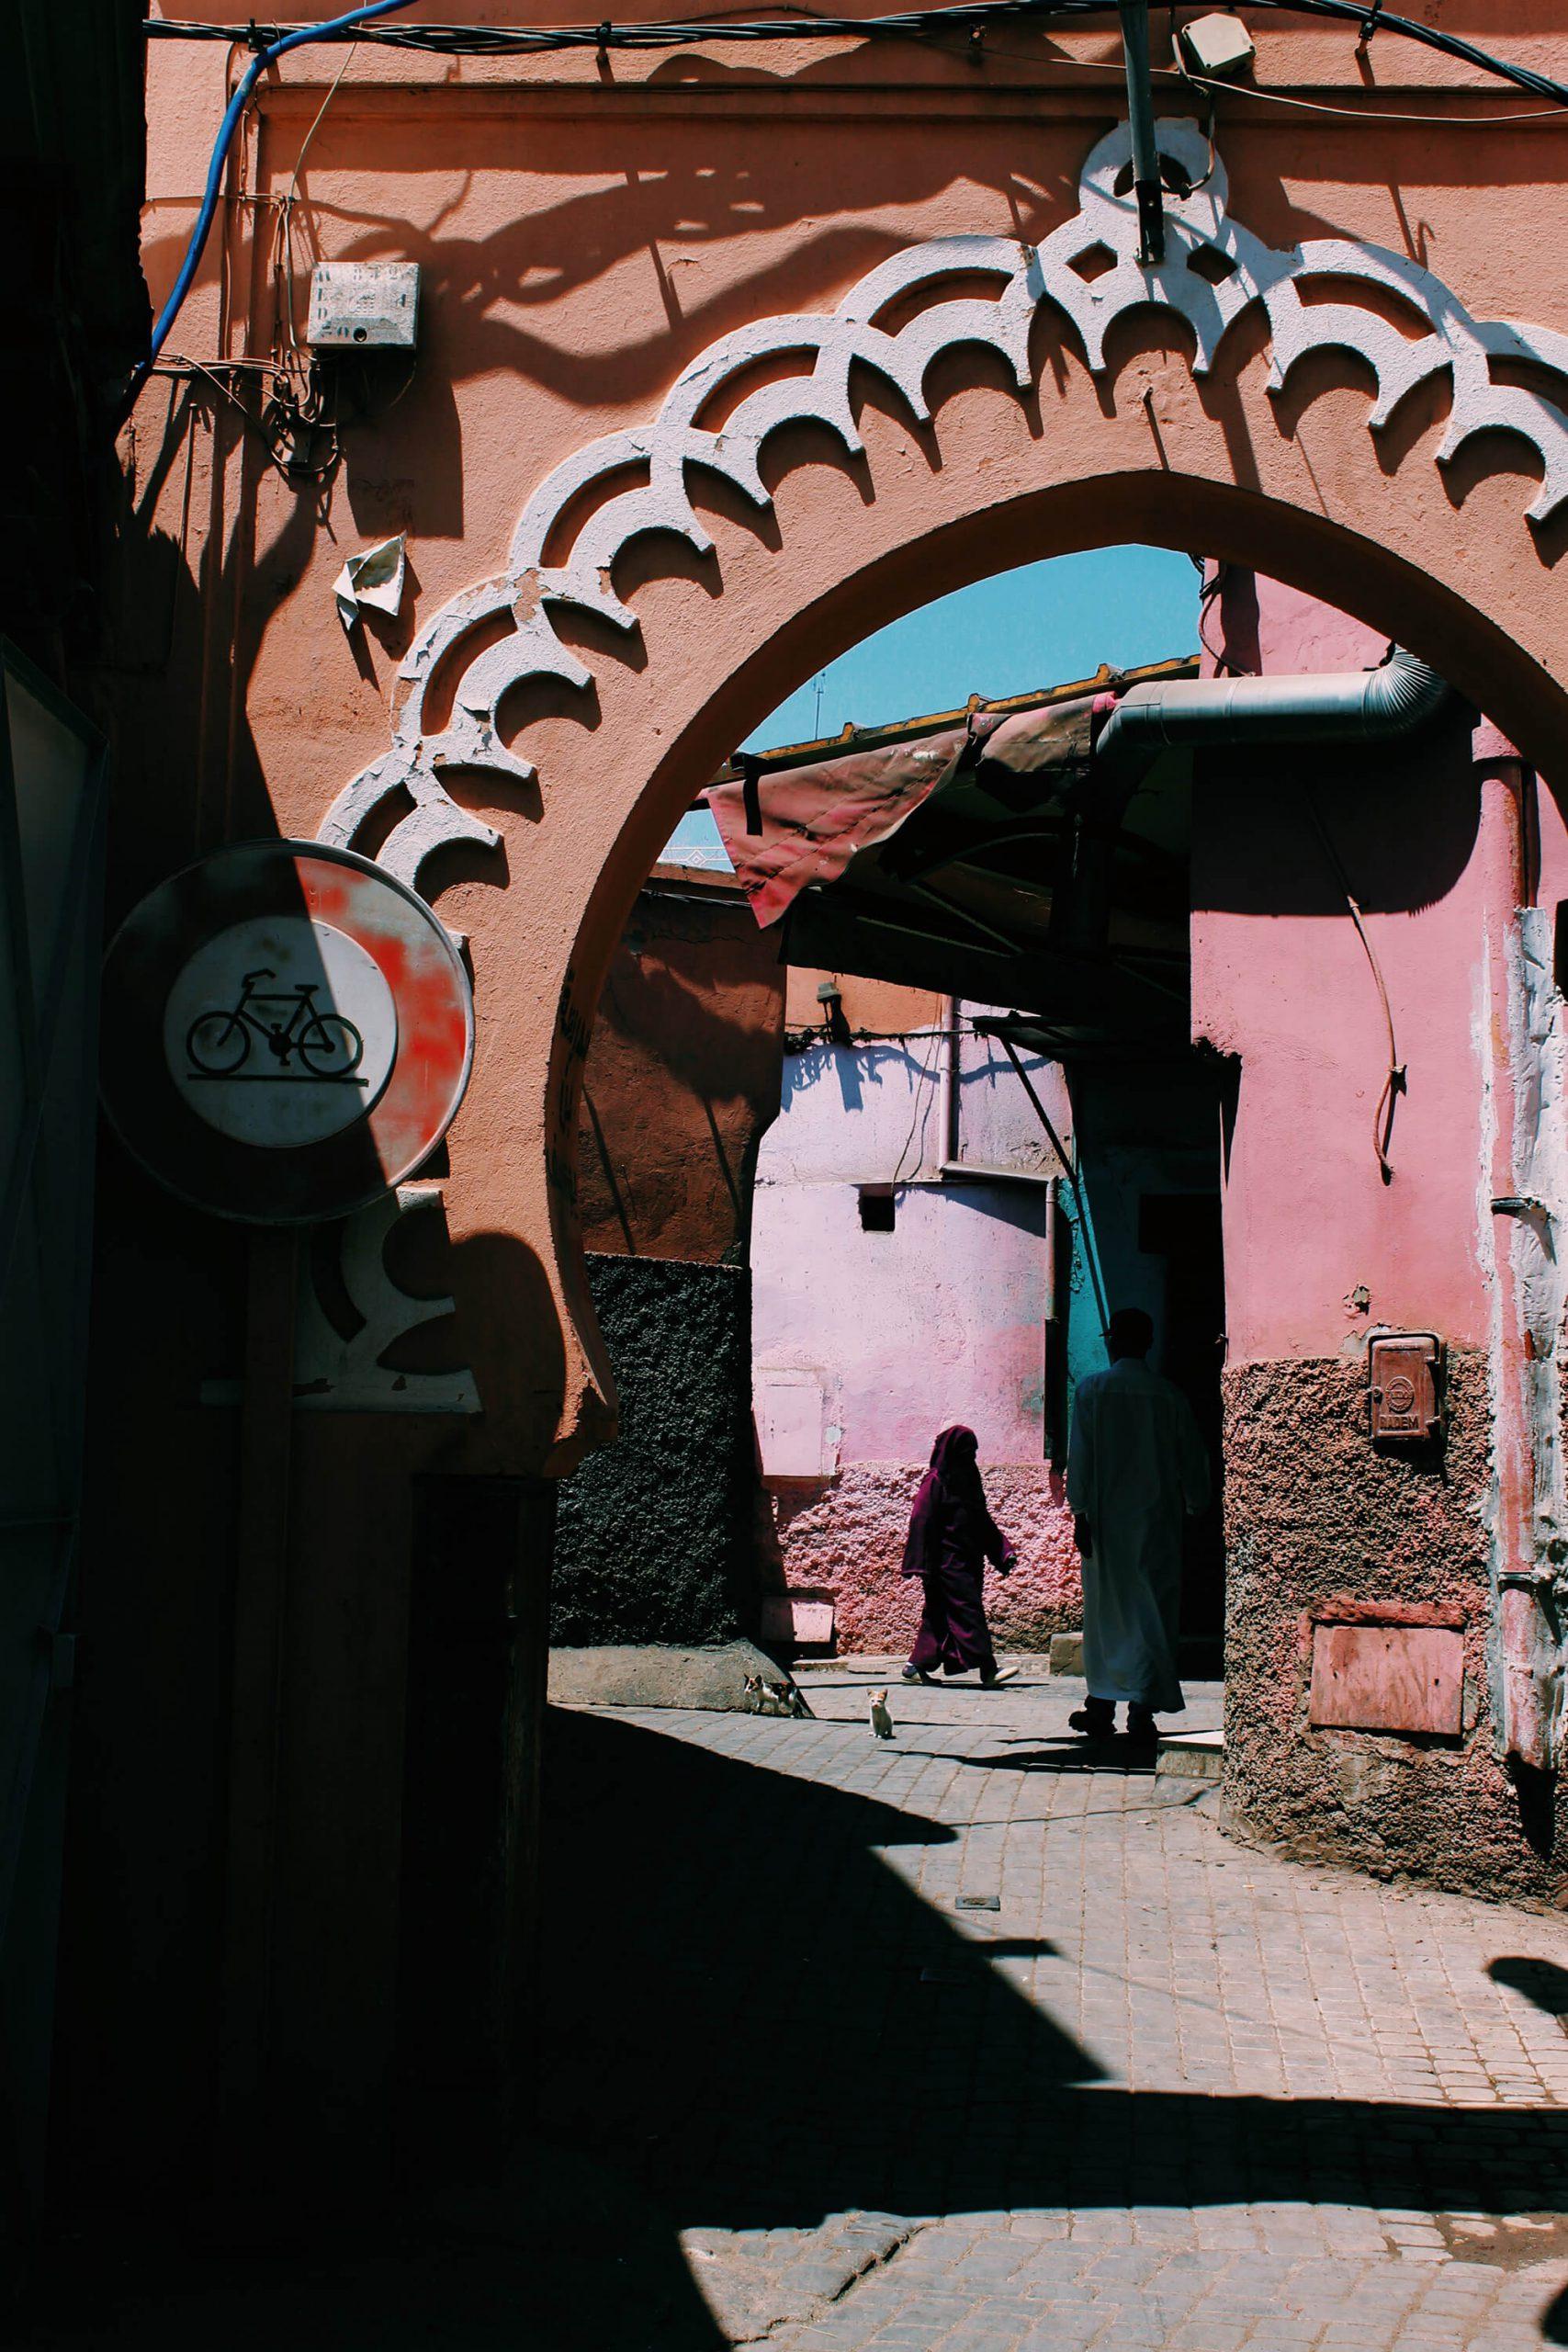 Sahara Desert Tour - Women Travelers in Morocco